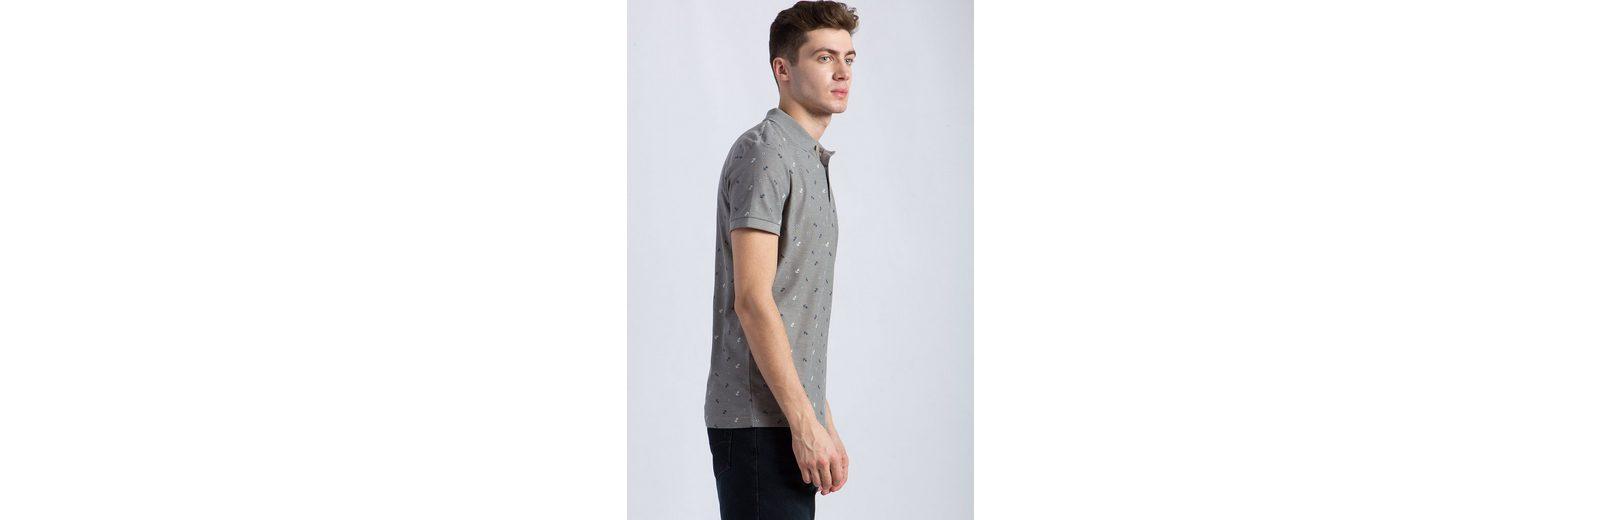 Mode-Stil Online Finn Flare Poloshirt mit Alloverprint Spielraum Versorgung Bester Günstiger Preis Spielraum Fabrikverkauf Die Günstigste Zum Verkauf gyPxqIeCz